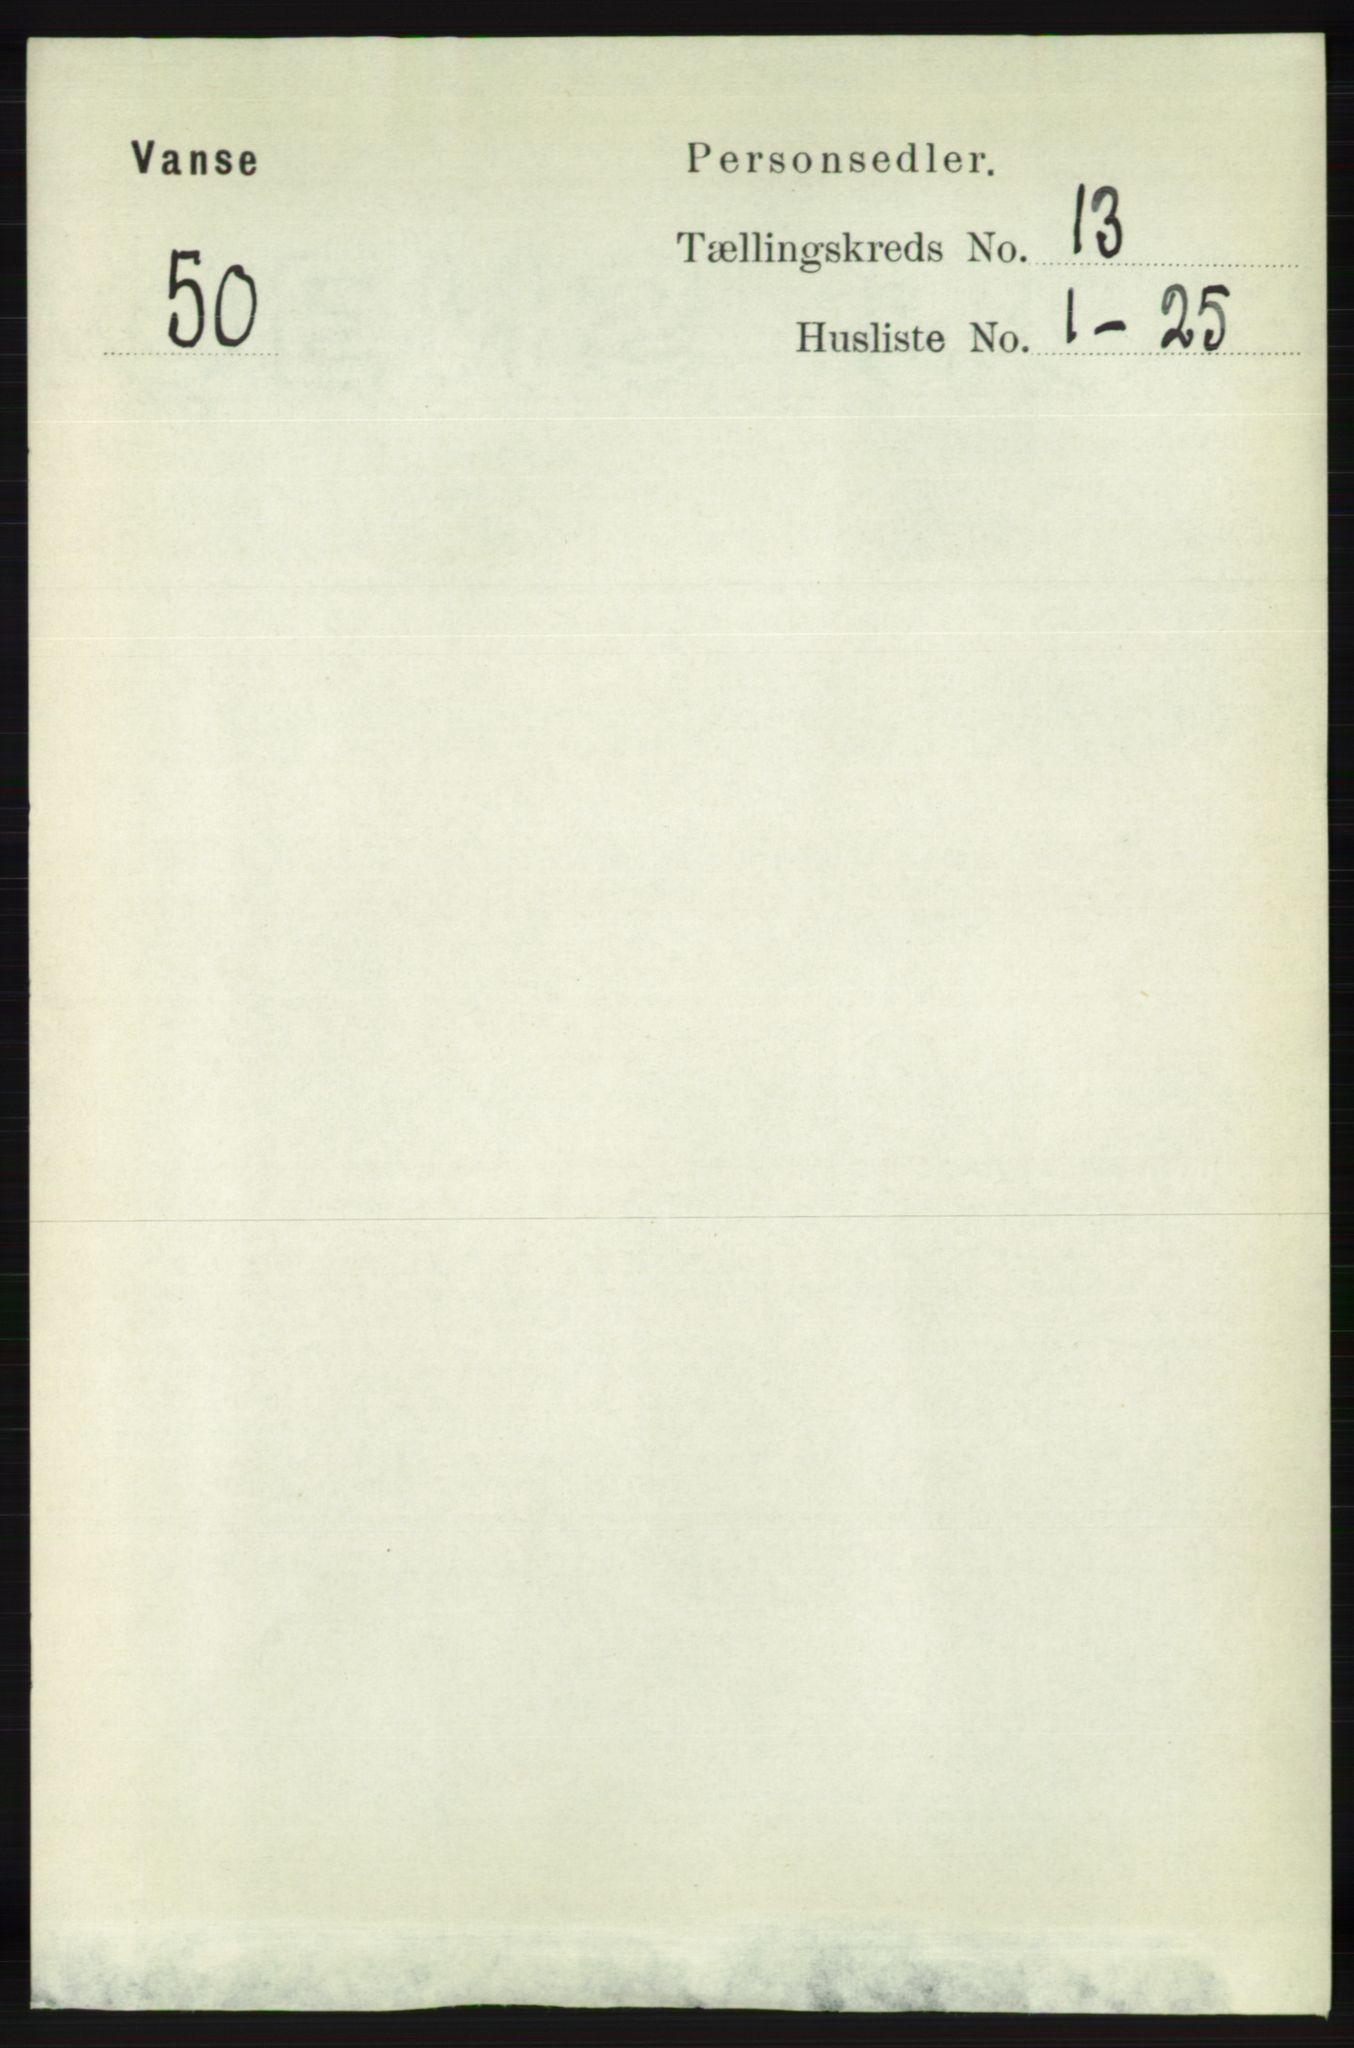 RA, Folketelling 1891 for 1041 Vanse herred, 1891, s. 7514